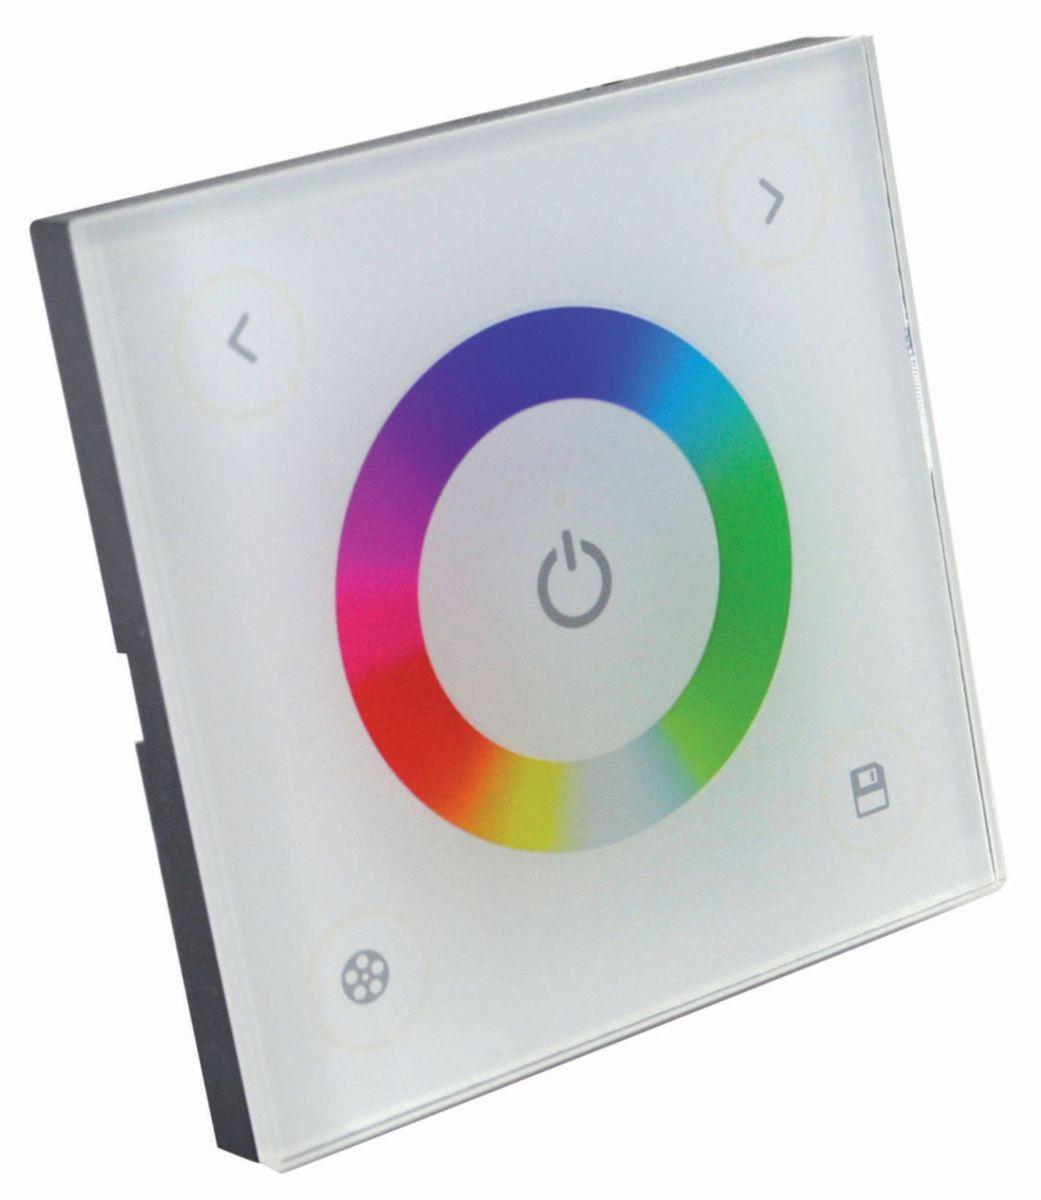 Télécommande RGB tactile pour ruban led - Réf. 408896